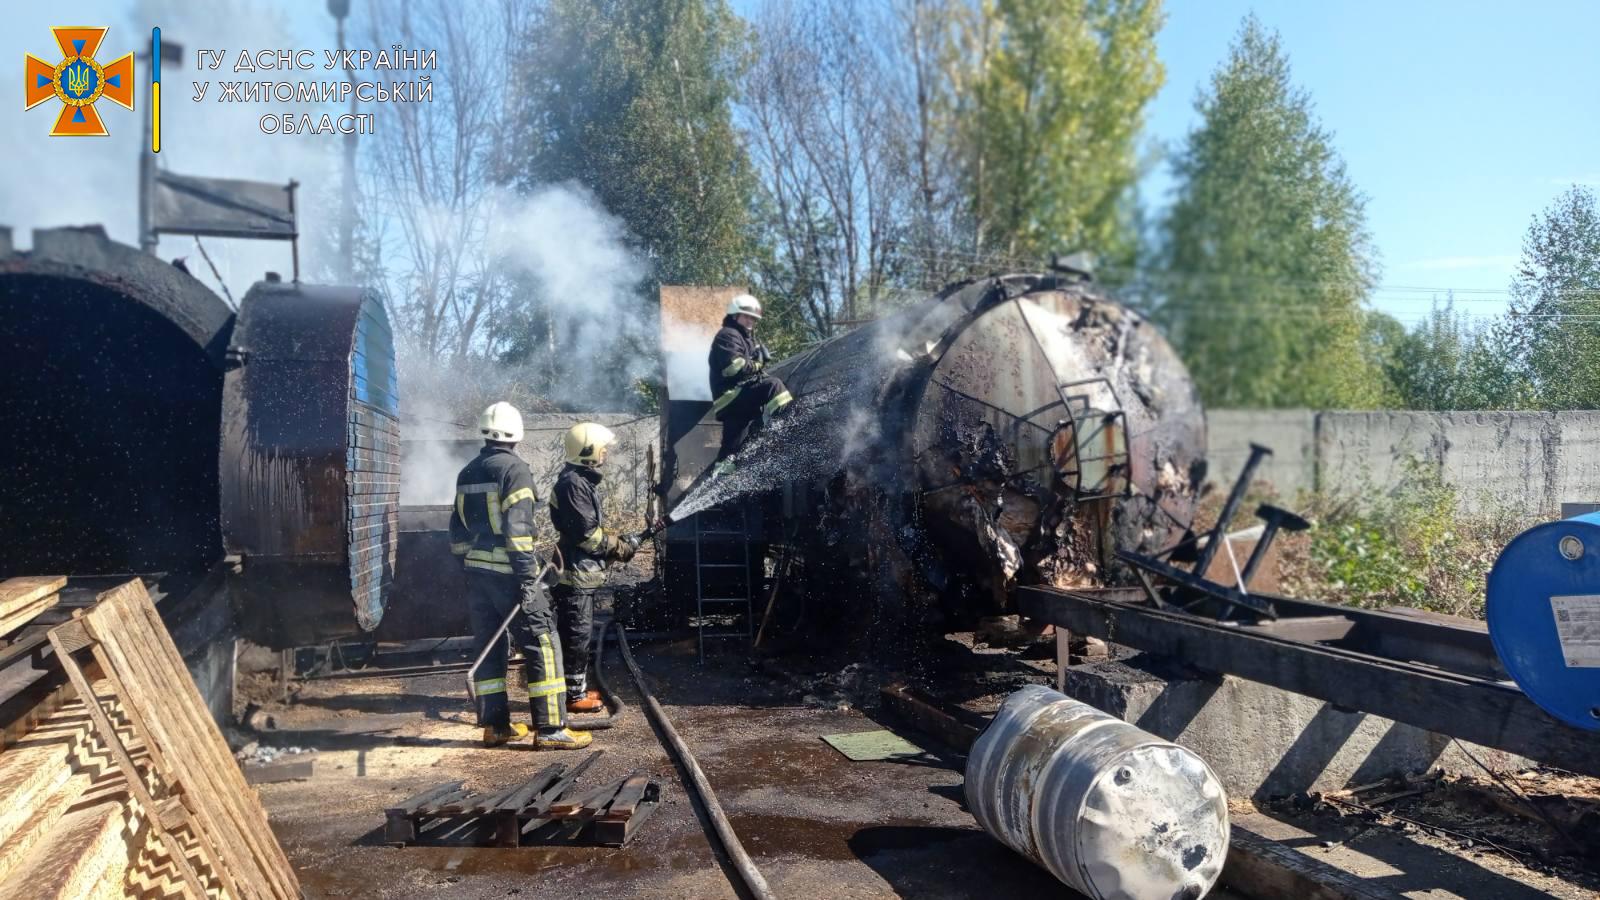 У Житомирі на підприємстві вибухнула бочка з паливом: є постраждалі (ФОТО) - фото 2